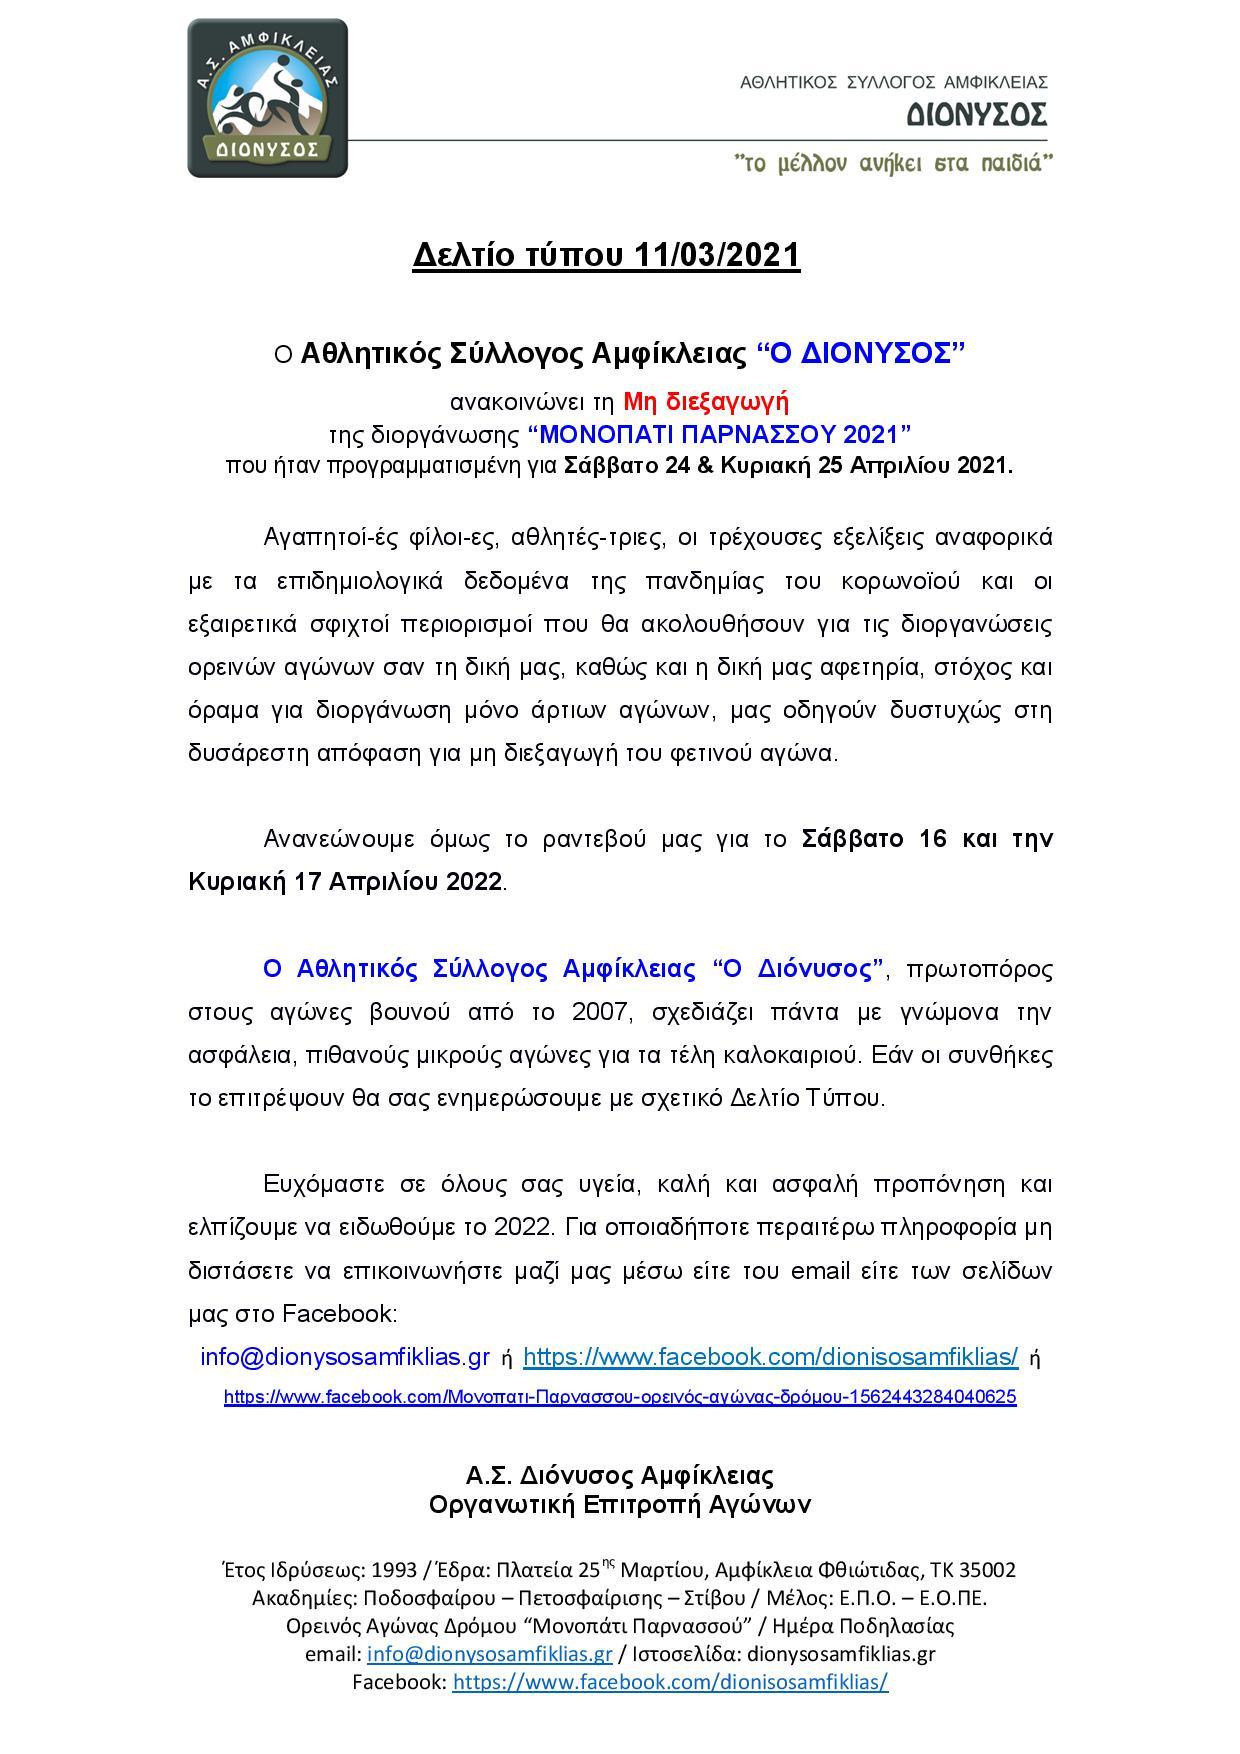 Ακύρωση αγώνα Μονοπάτι Παρνασσού 2020